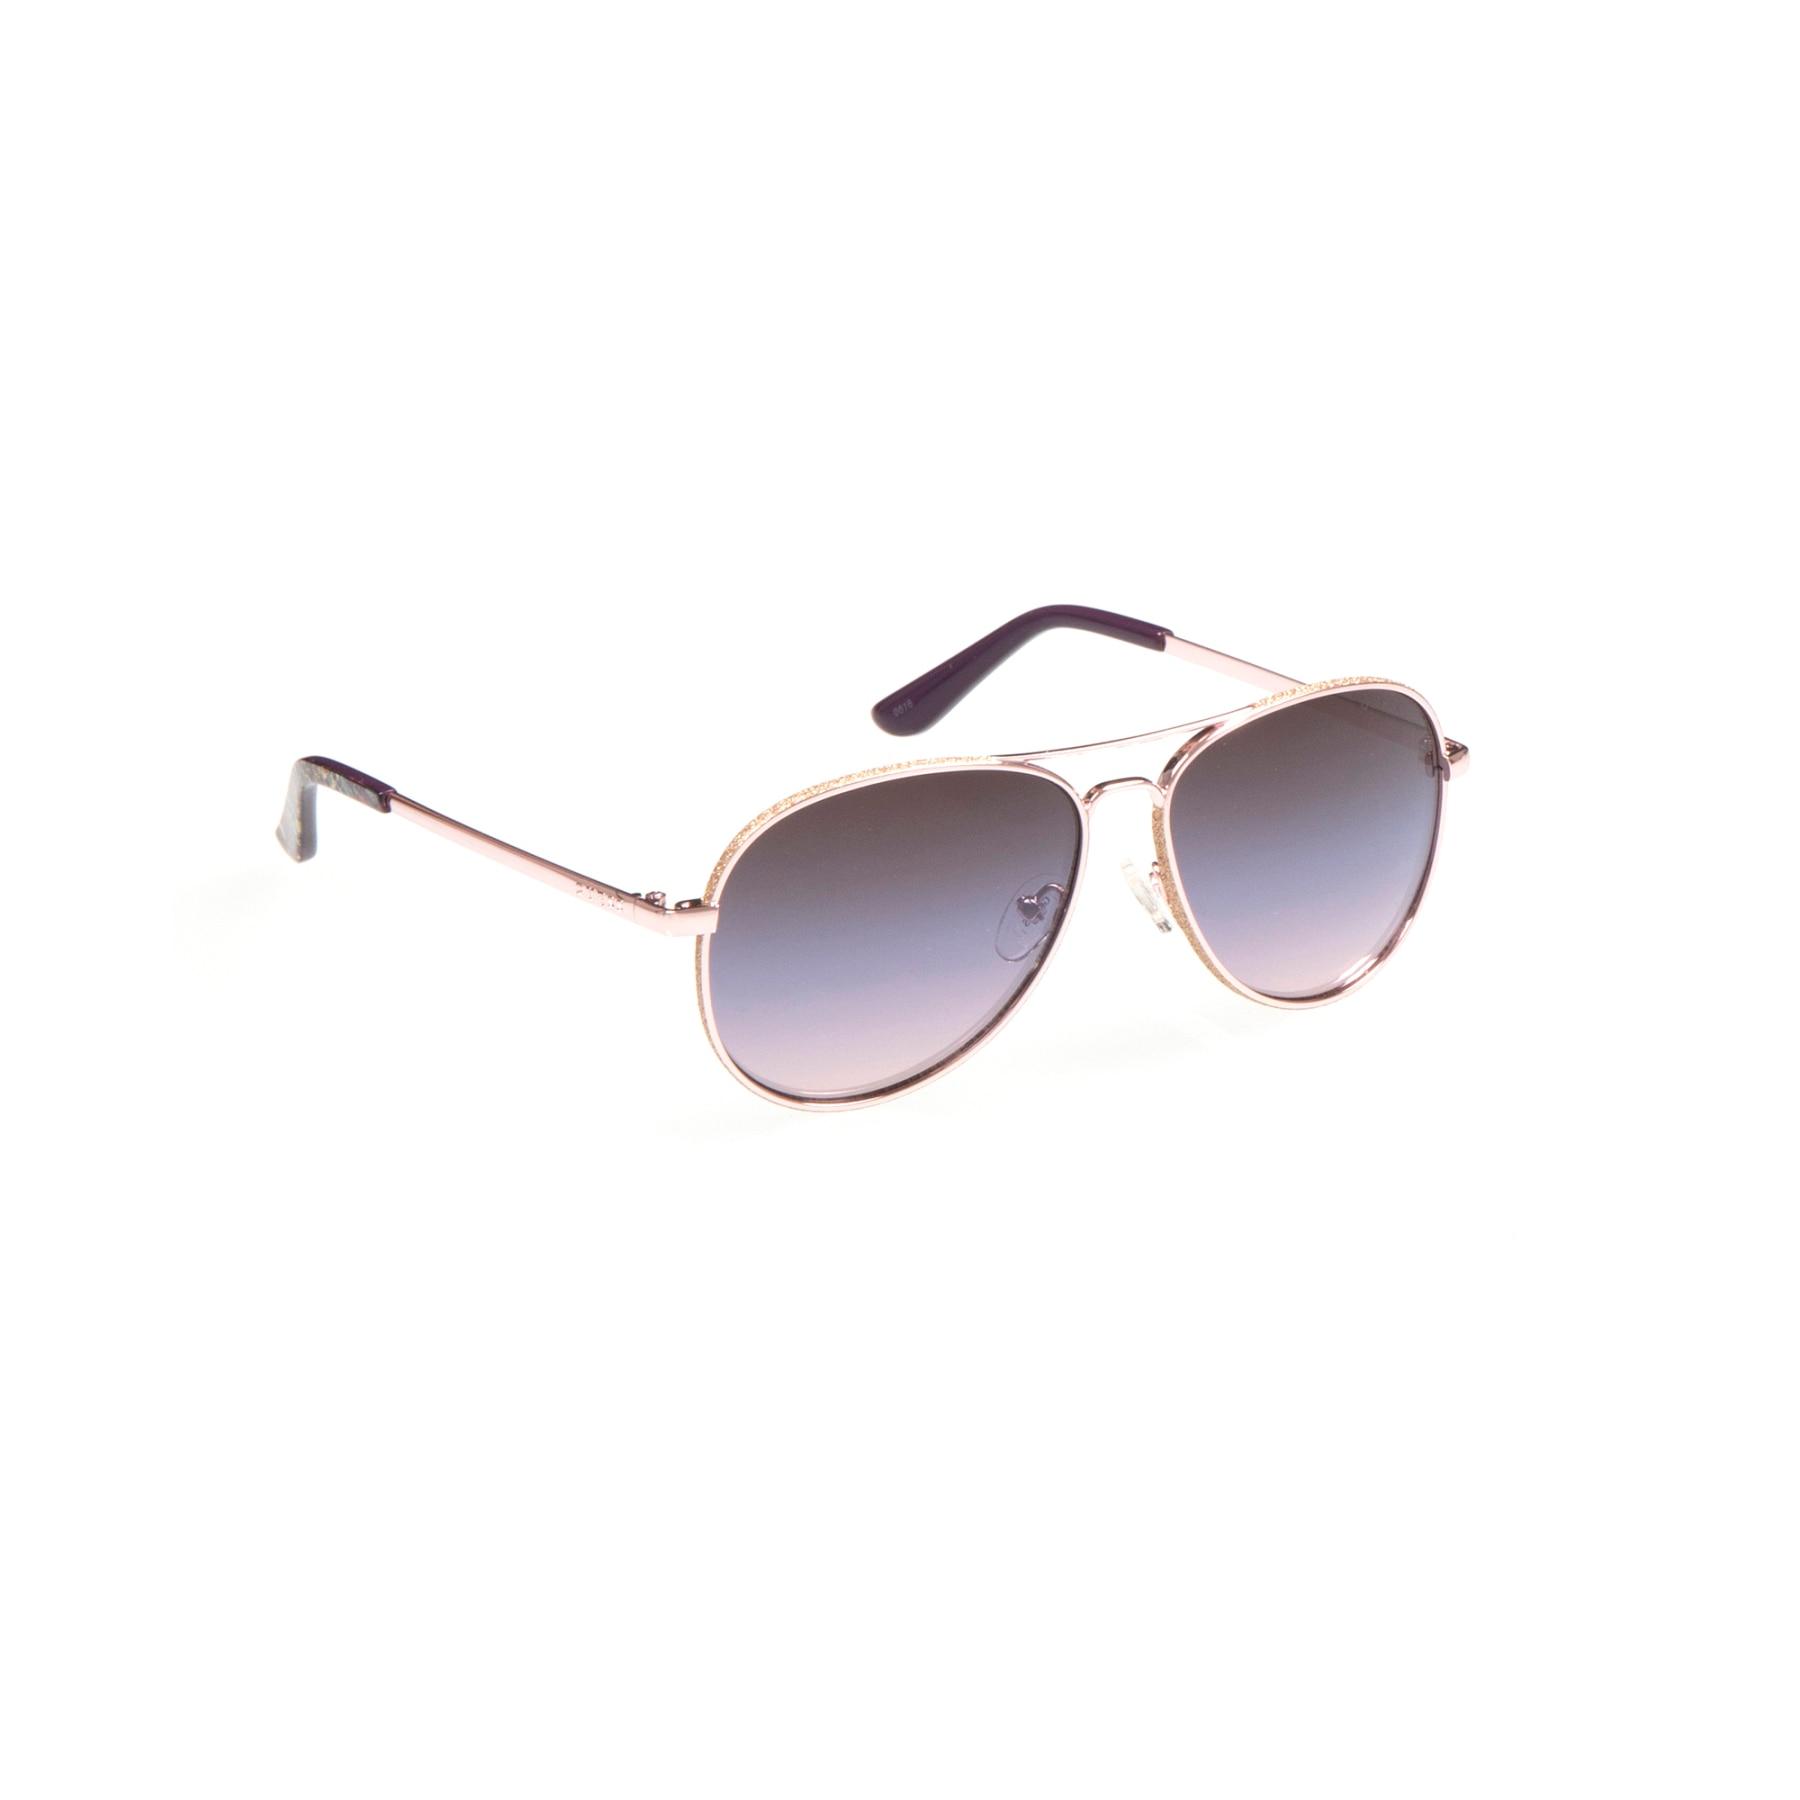 Women's sunglasses gu 7555 28u 59 metal pink organic drop pilot 59-14-140 guess